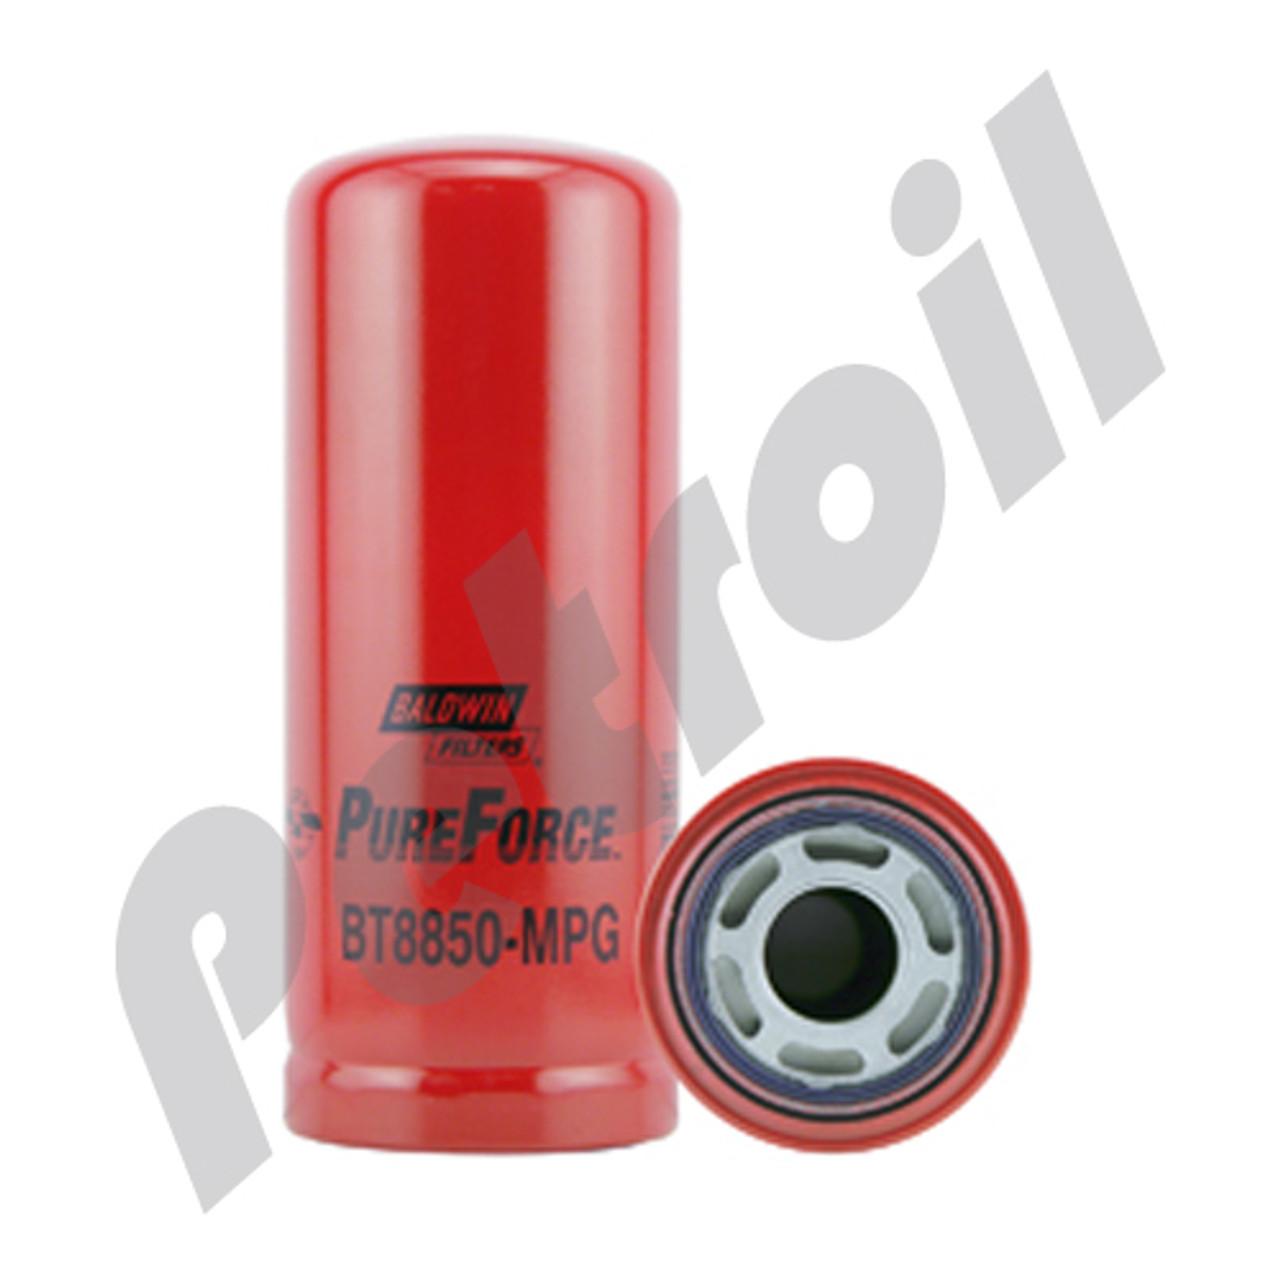 FLEETGUARD HF35299 HYD.FILTER I.W BT8848-MPG